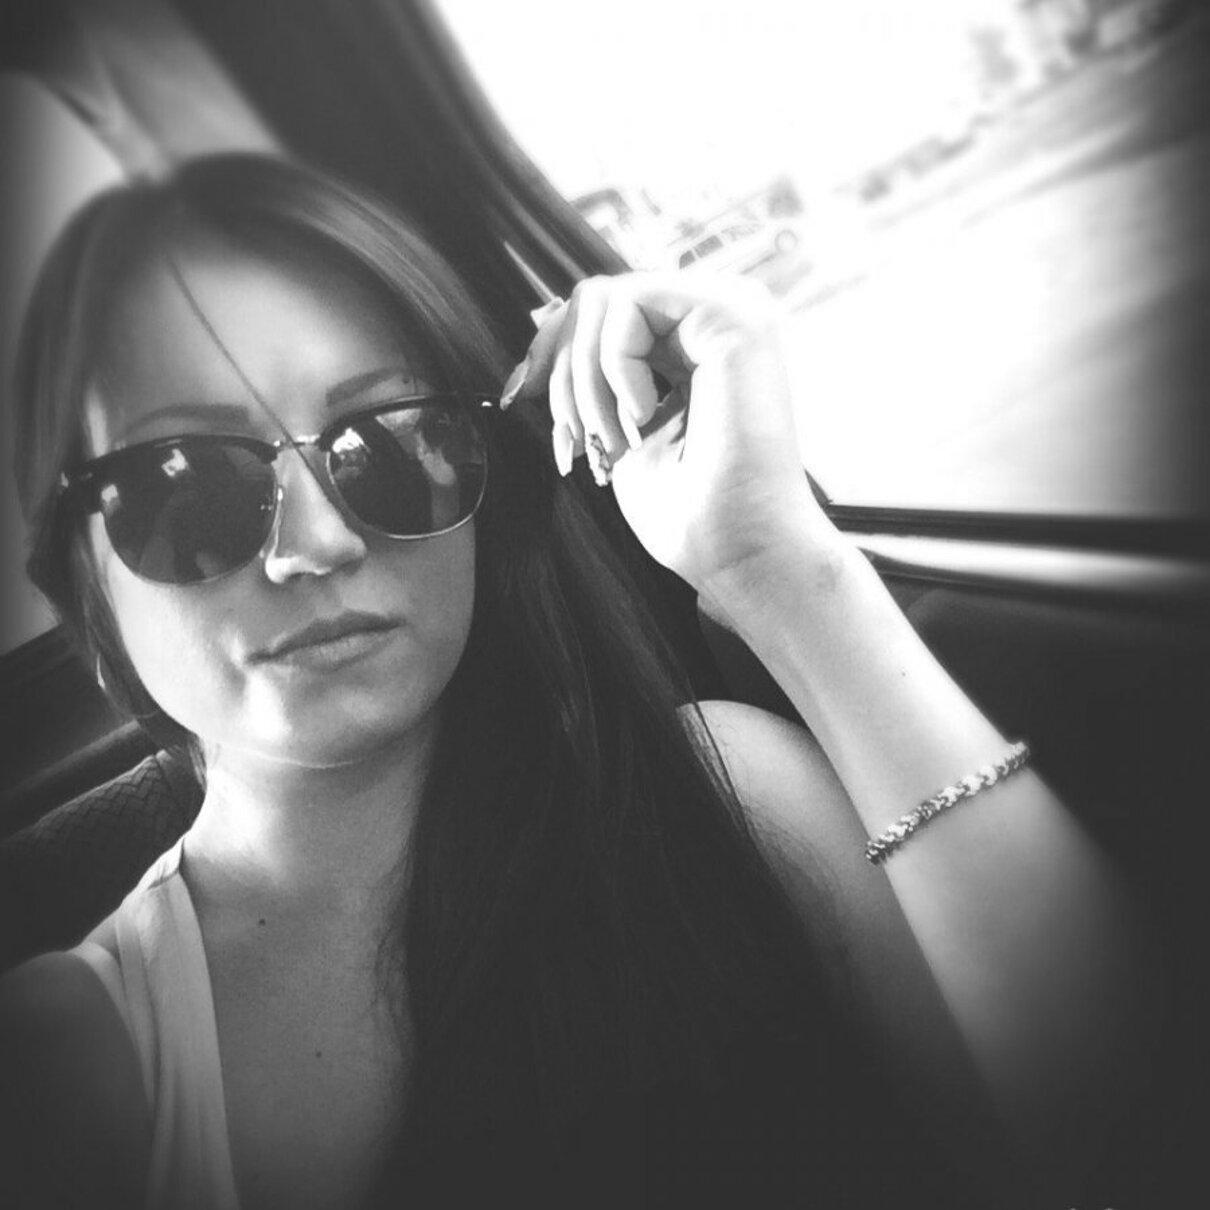 Жалоба-отзыв: Урусовская Анна Александровна - Вич - инфицированная.  Фото №2